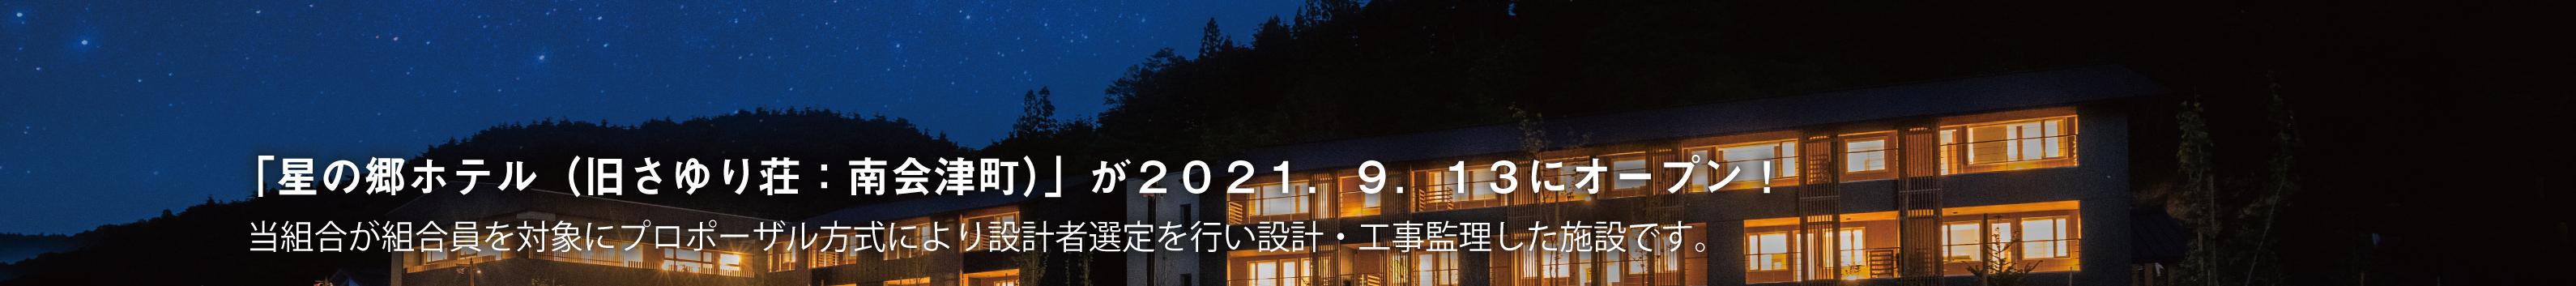 星の郷ホテル(旧さゆり荘:南会津町)